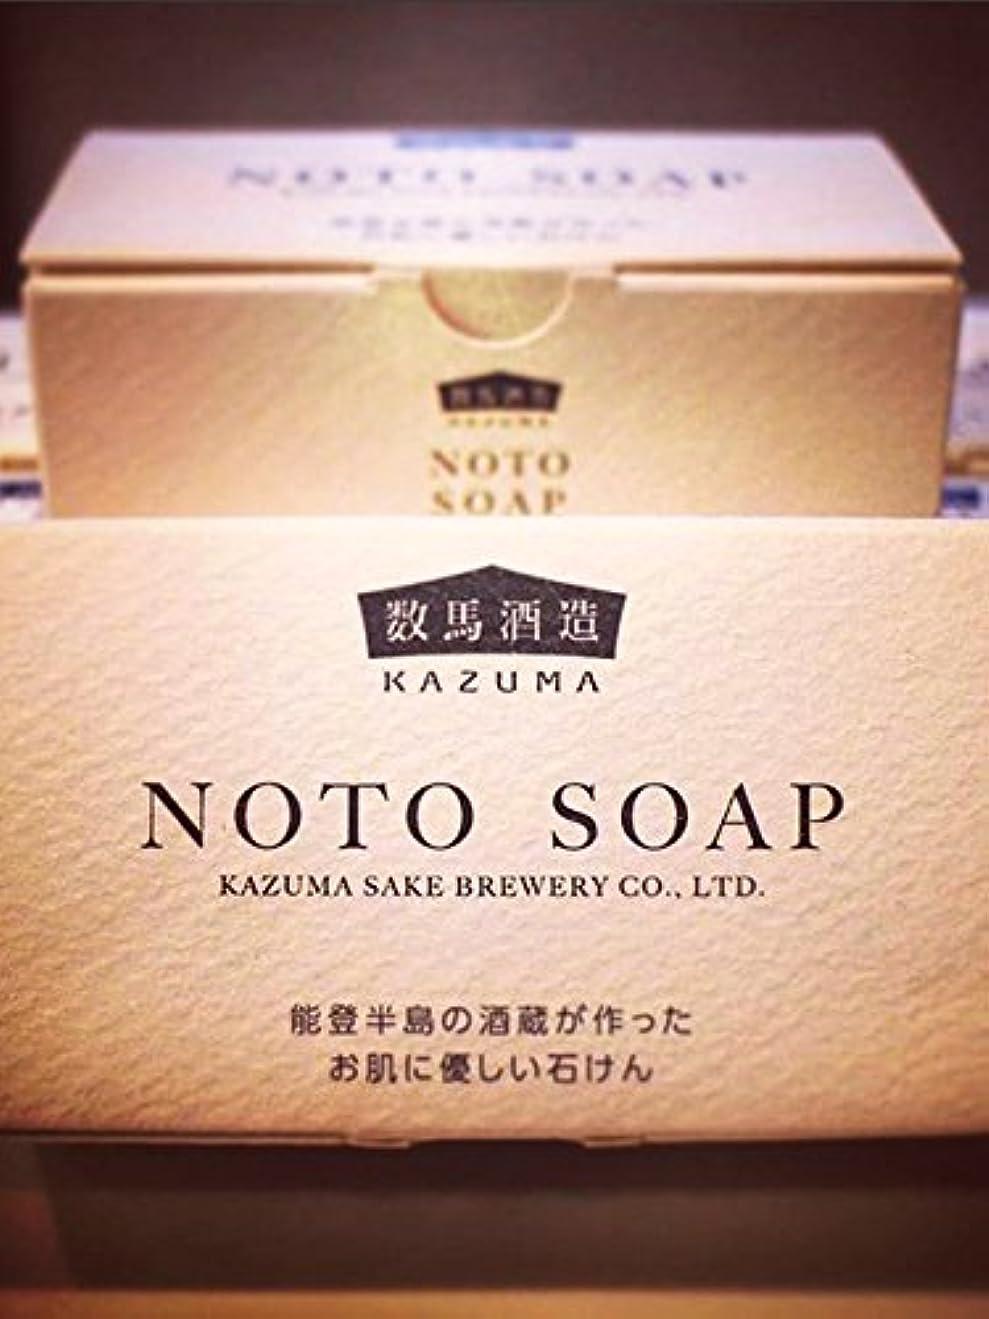 確認支給しわ竹葉 NOTO SOAP 酒粕石鹸 1個80g